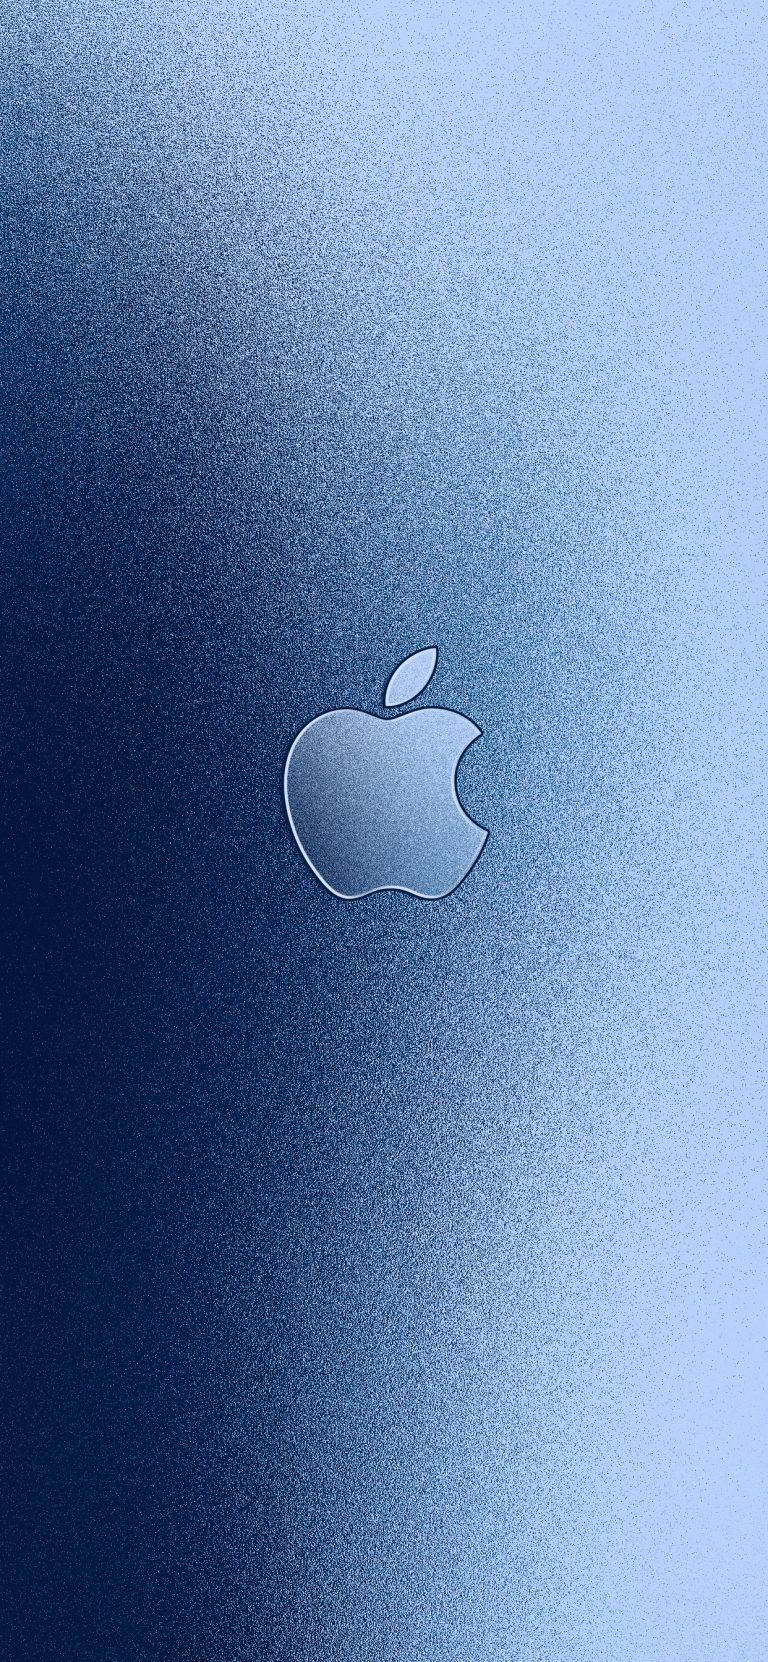 Iphone用のapple Iphoneロゴ壁紙 オタクテックオンライン